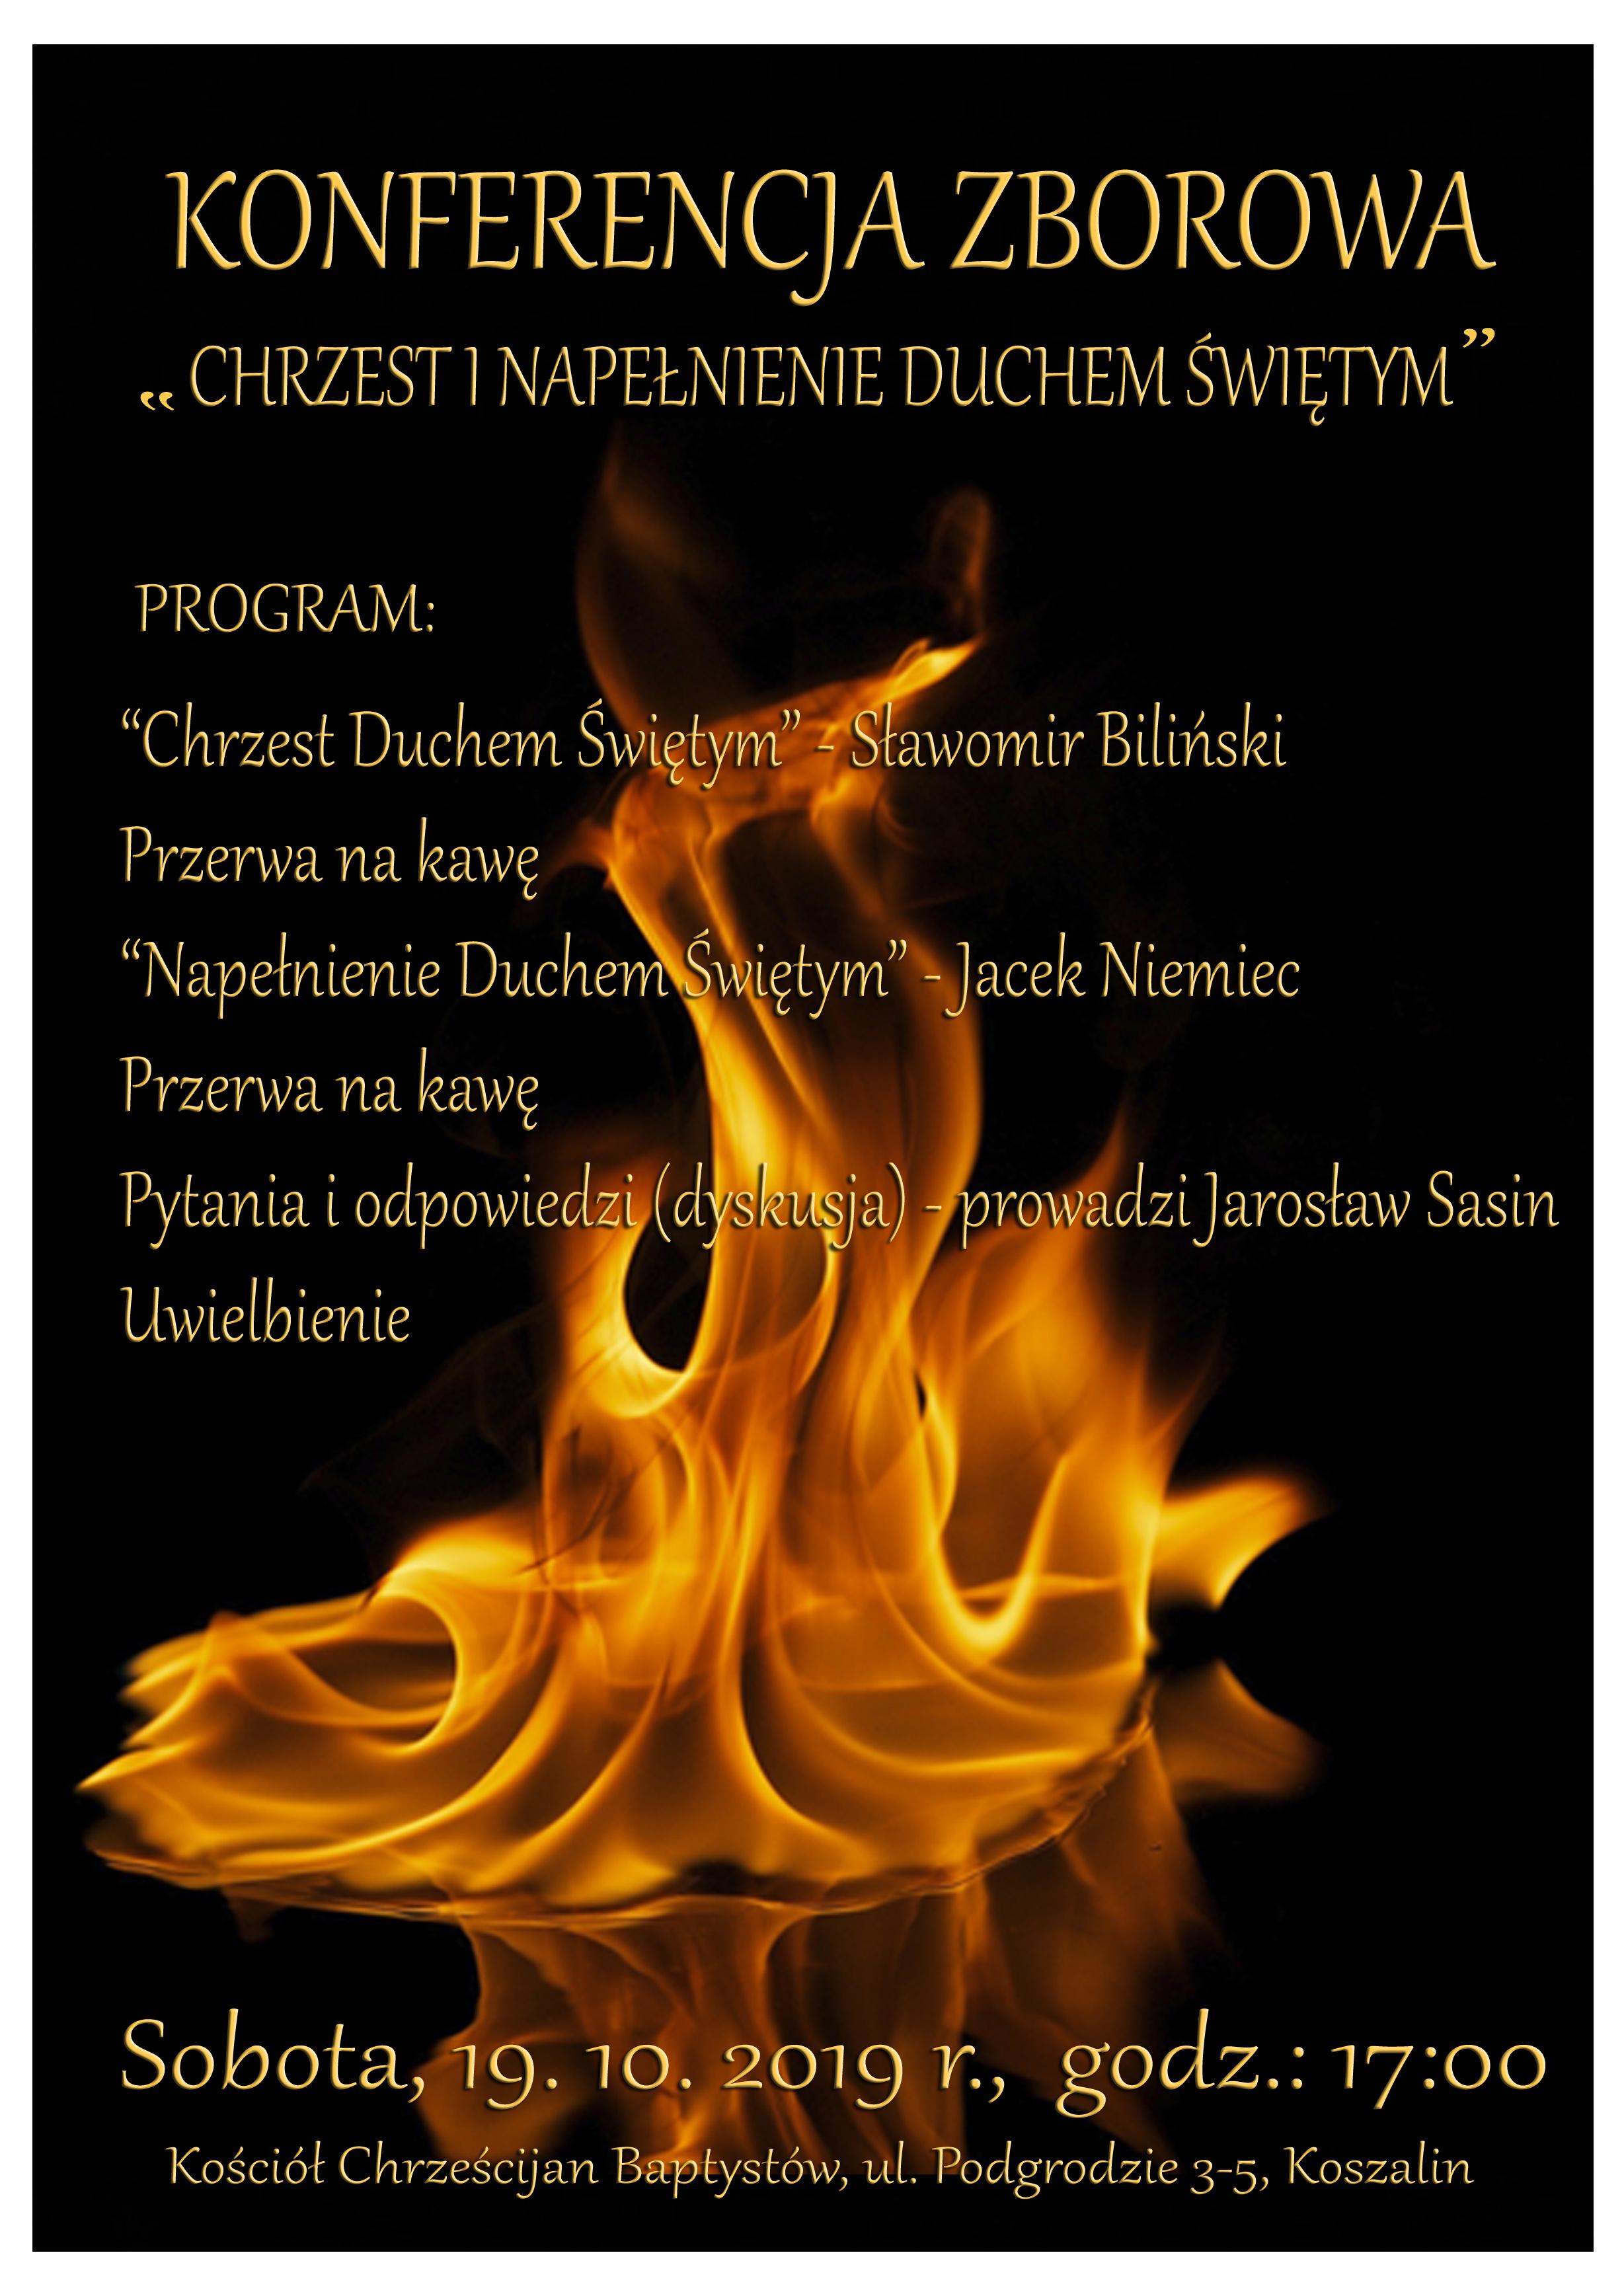 Wykłady z konferencji o Duchu Świętym